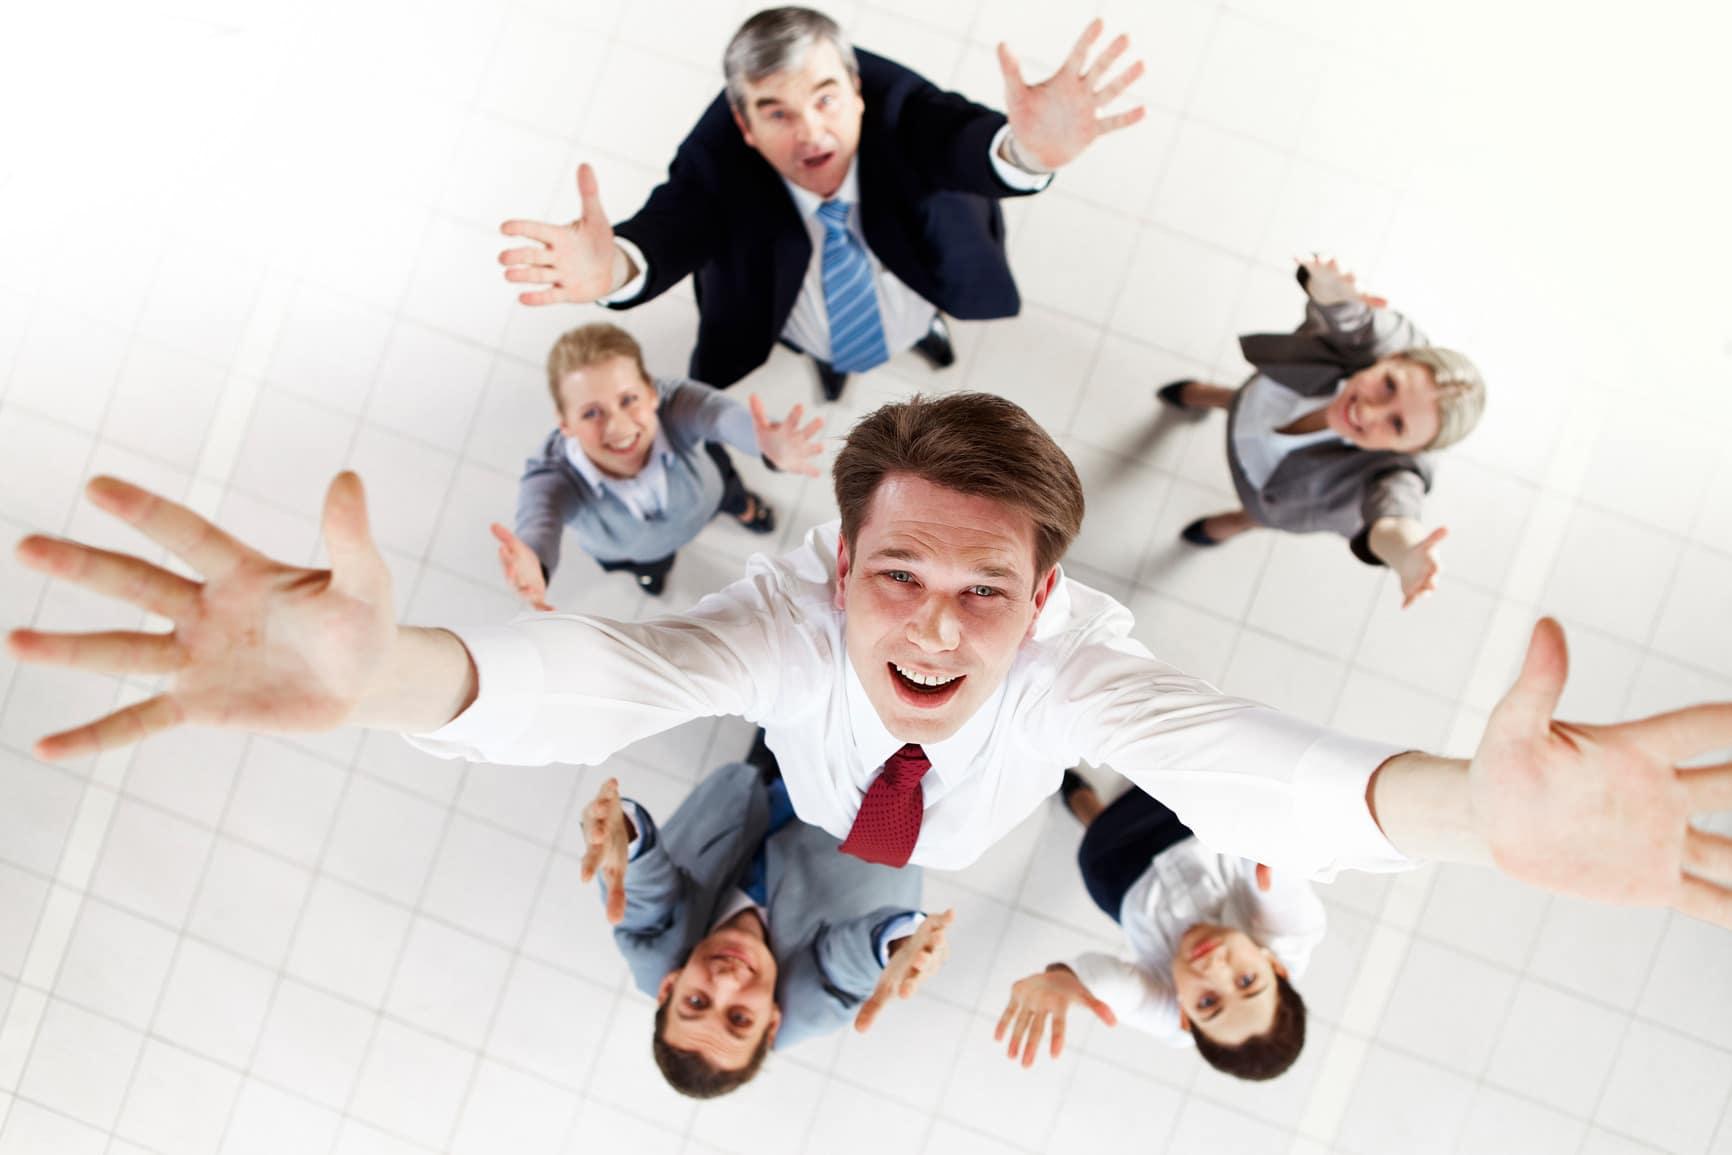 7 Leadership Skills of High-Trust Leaders